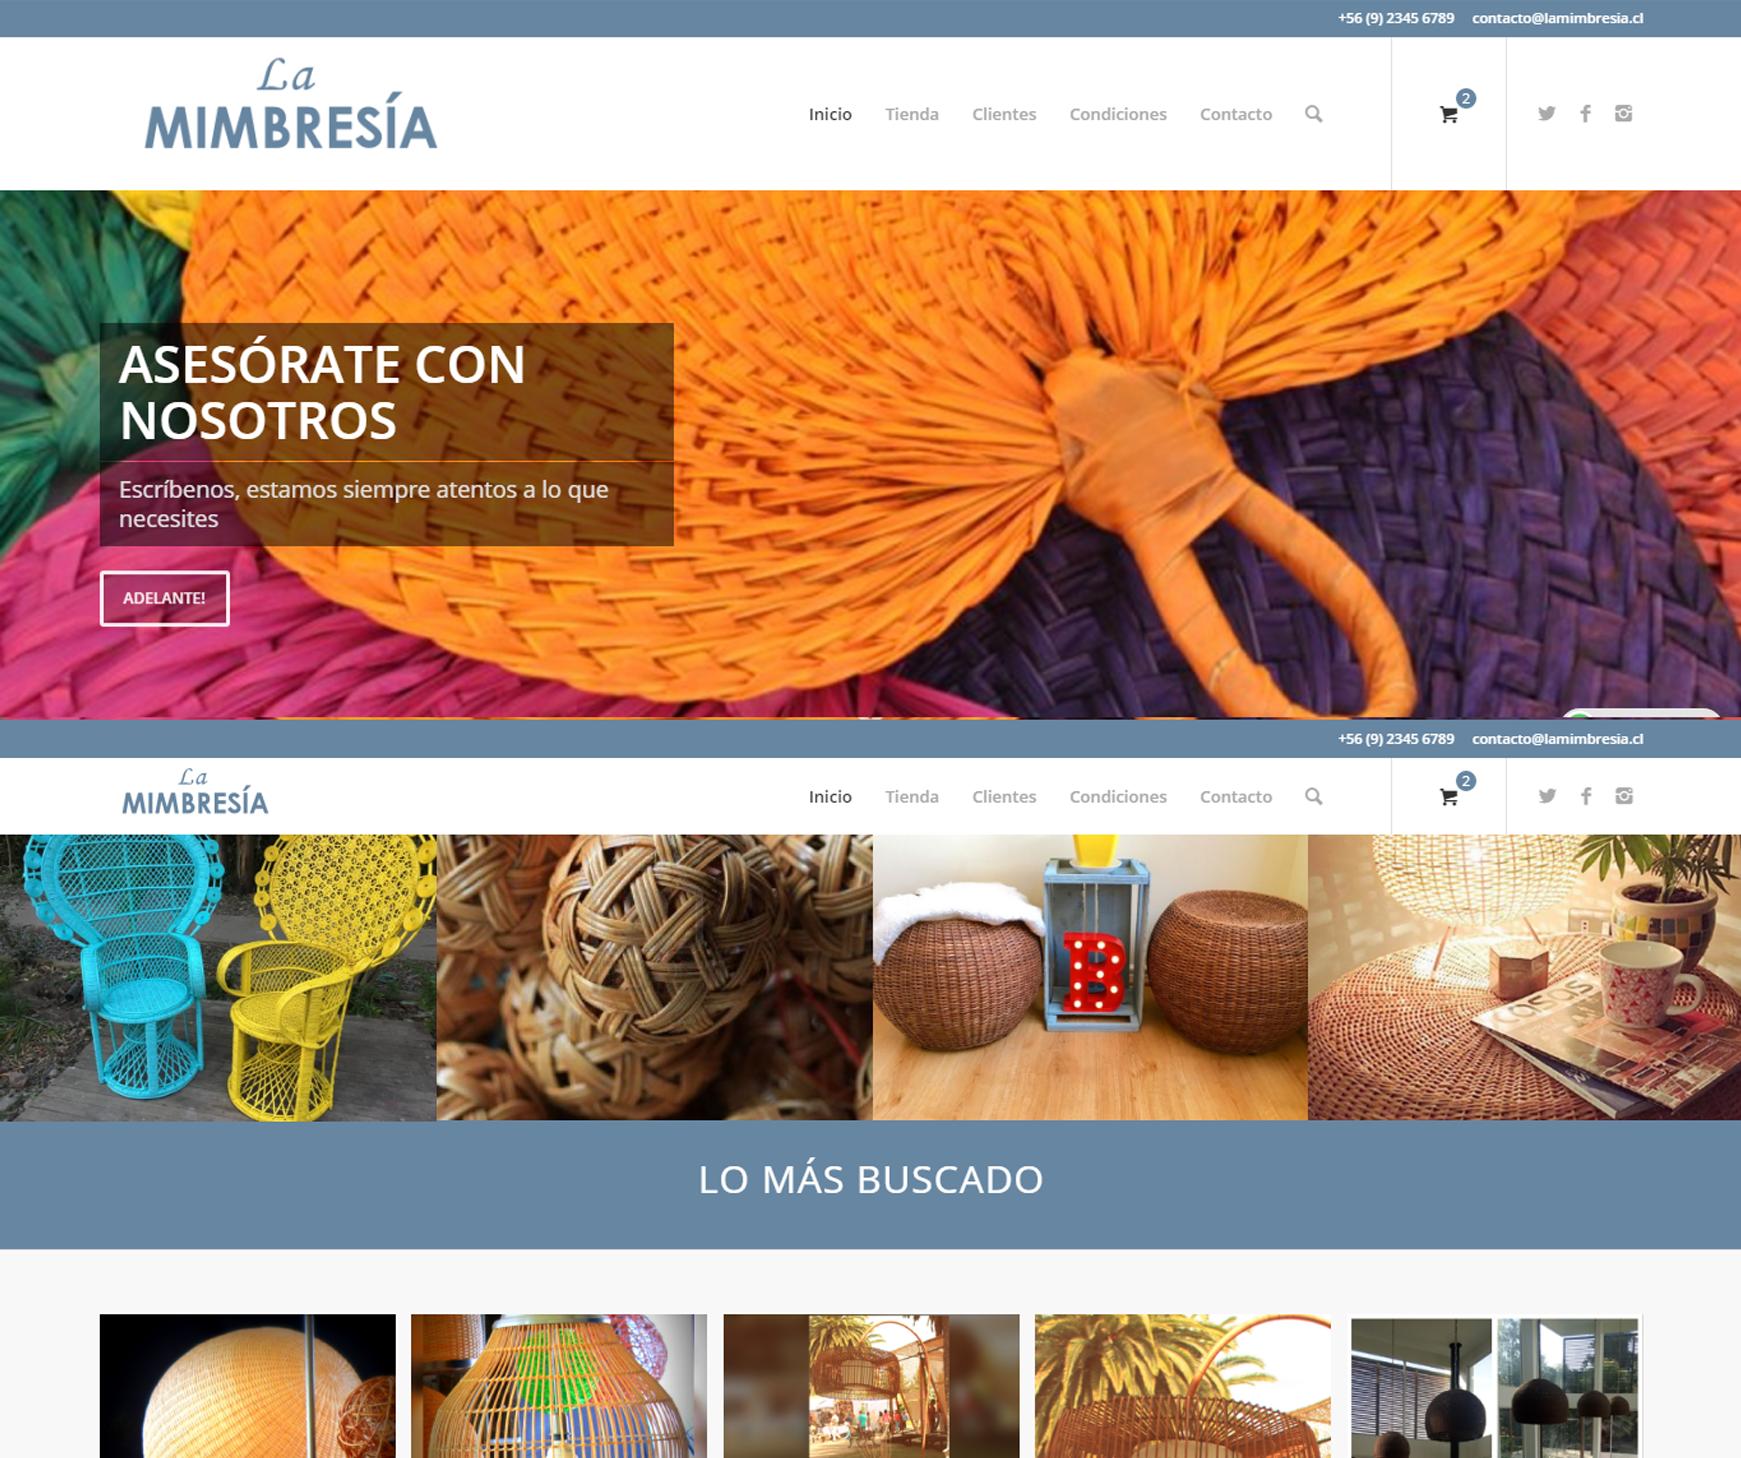 La Mimbresia - E-commerce